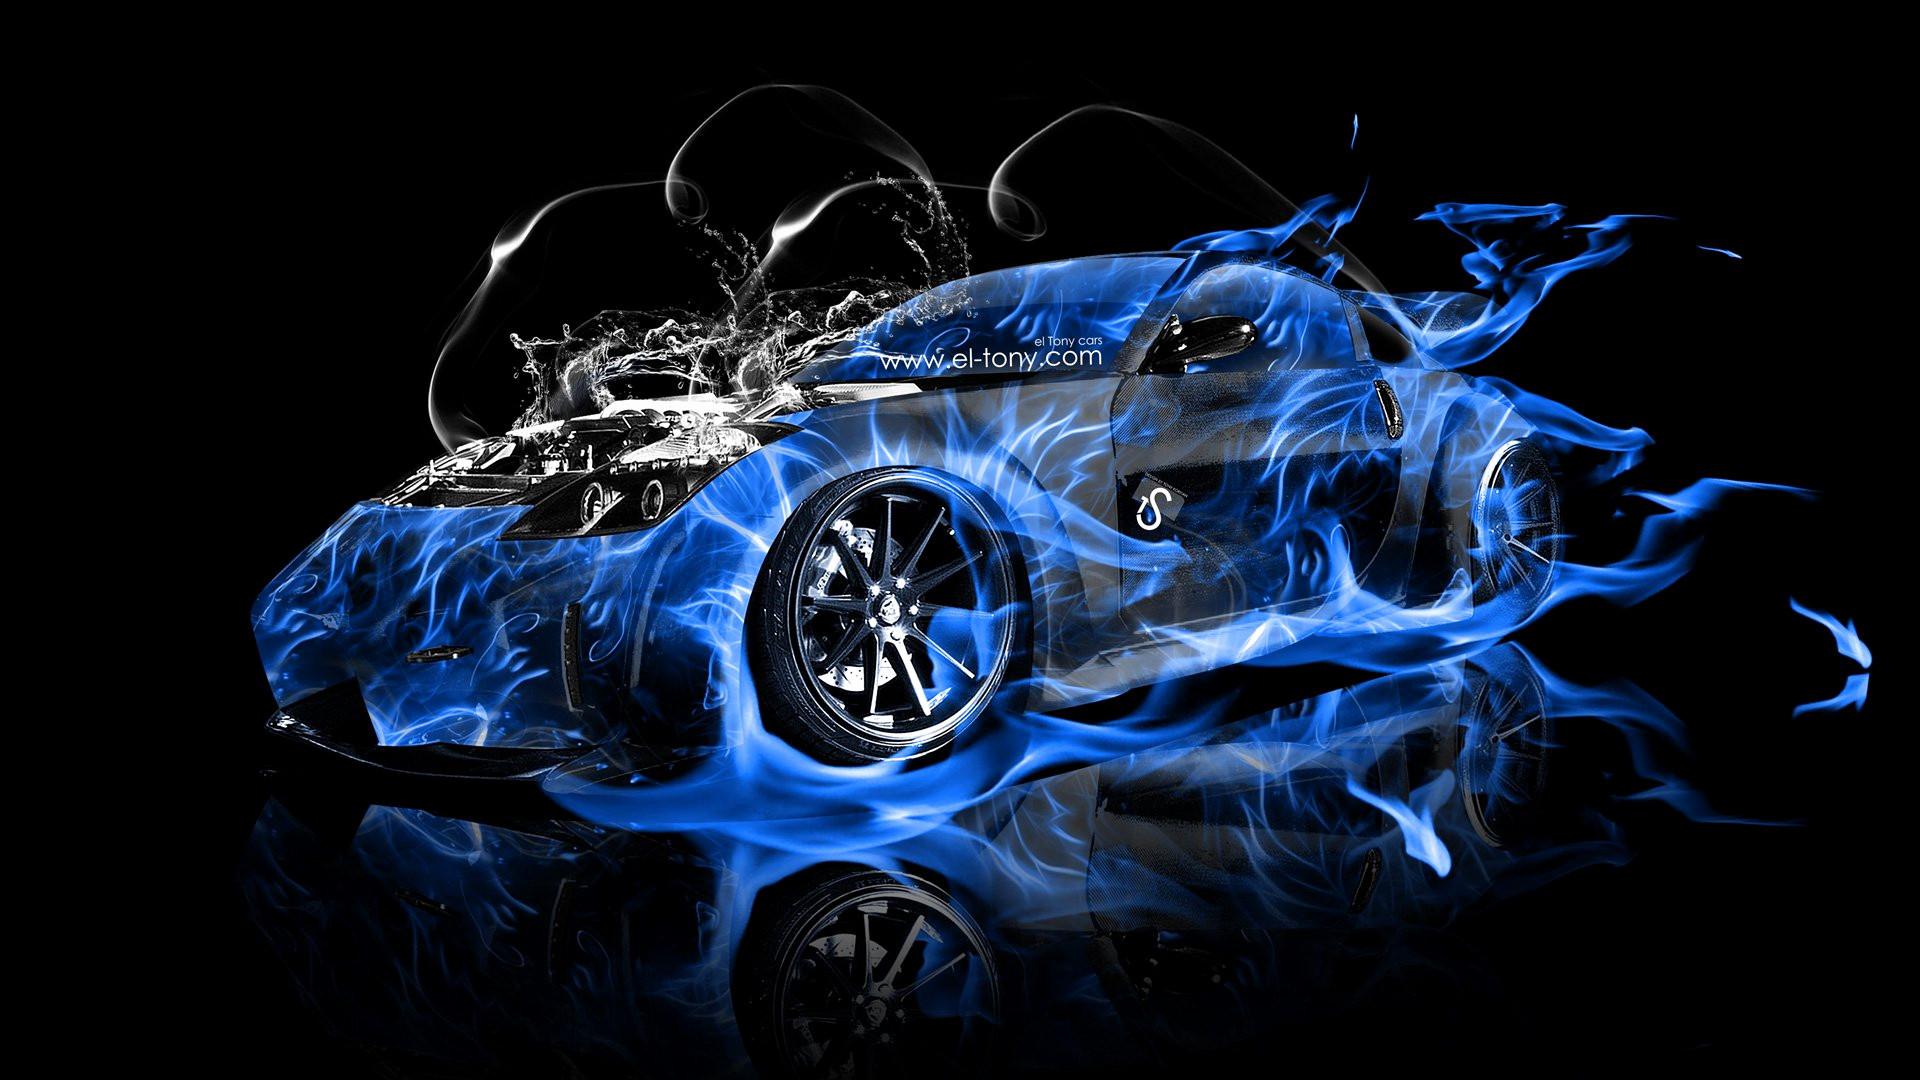 Mazda Furai Vehículos Supercars Hd Fondos De Pantalla: Veilside Wallpaper ·①